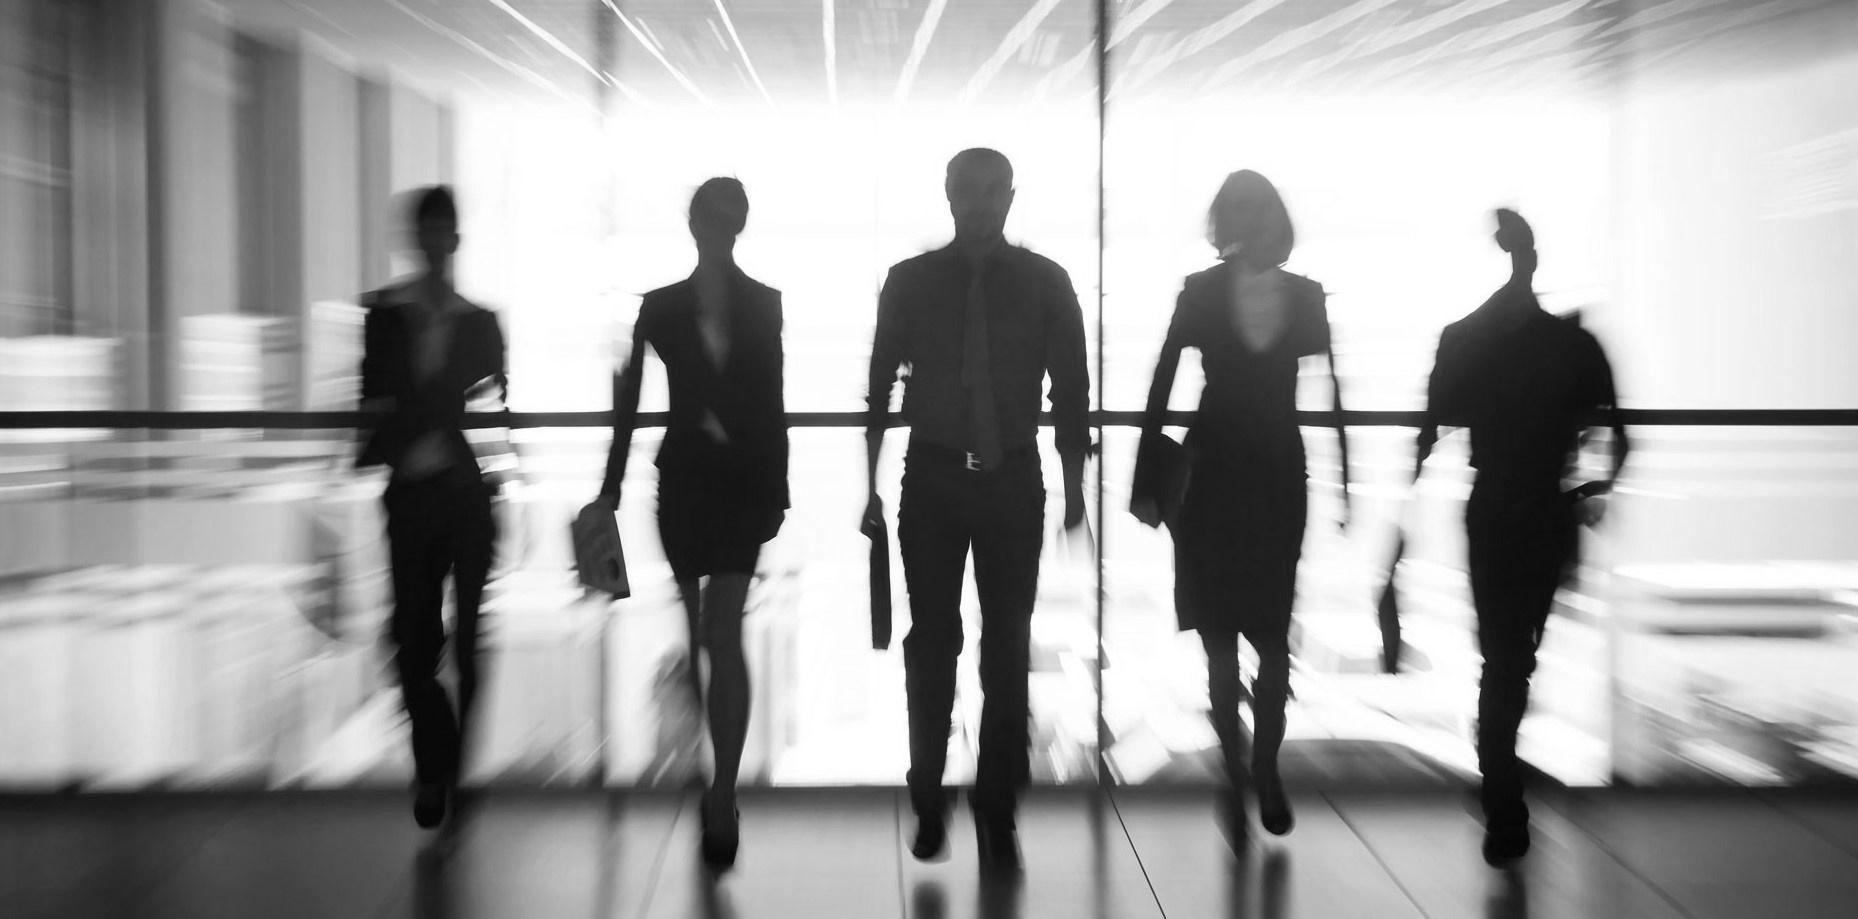 Borsa Italiana - Nuova edizione del Codice di Autodisciplina: raccomandazioni in materia di diversità di genere